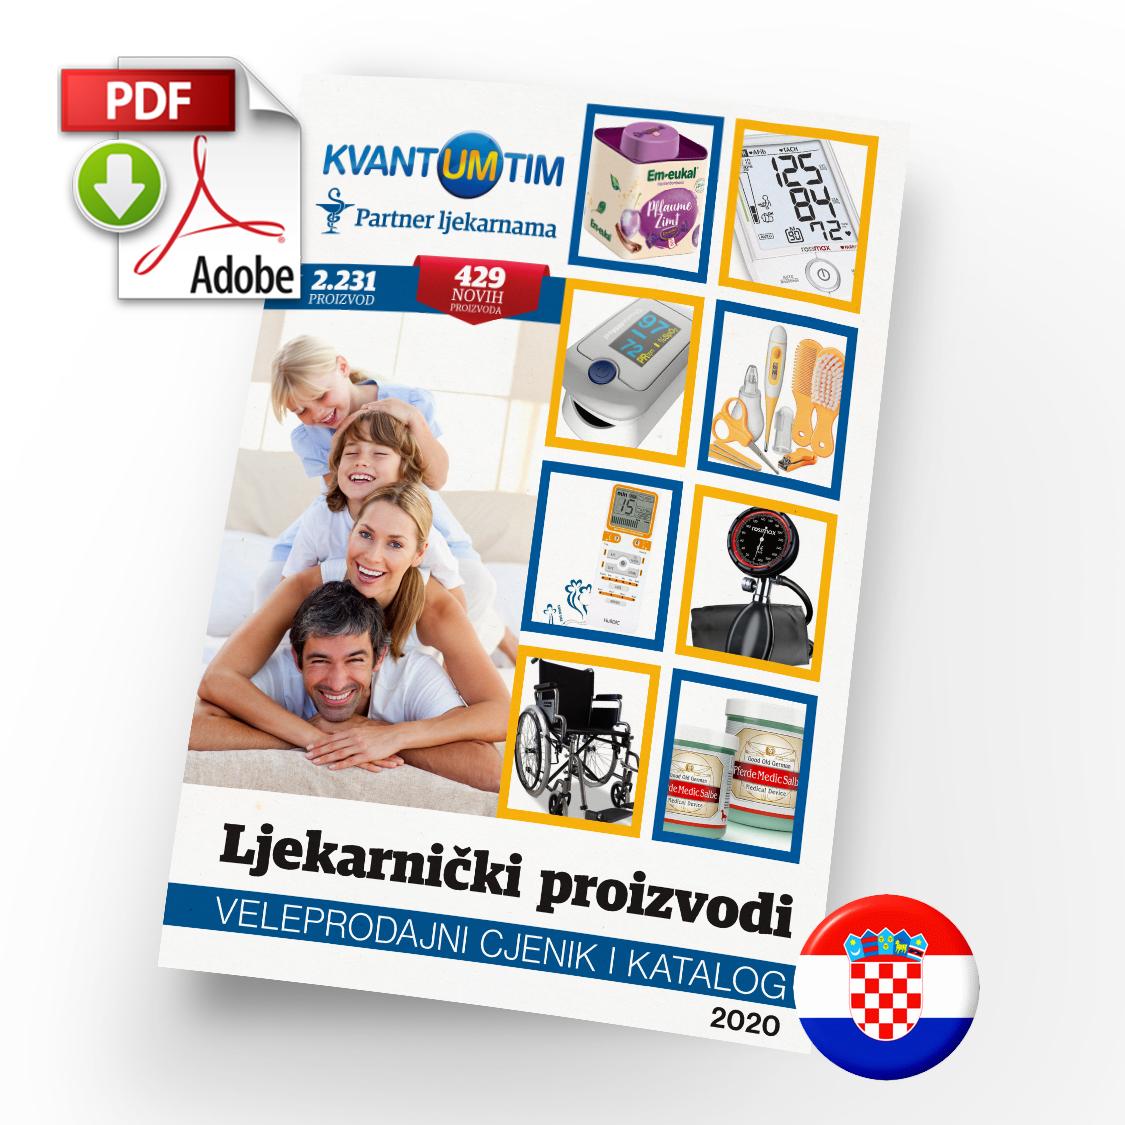 Kvantum_tim_ljekarnički katalog_2020